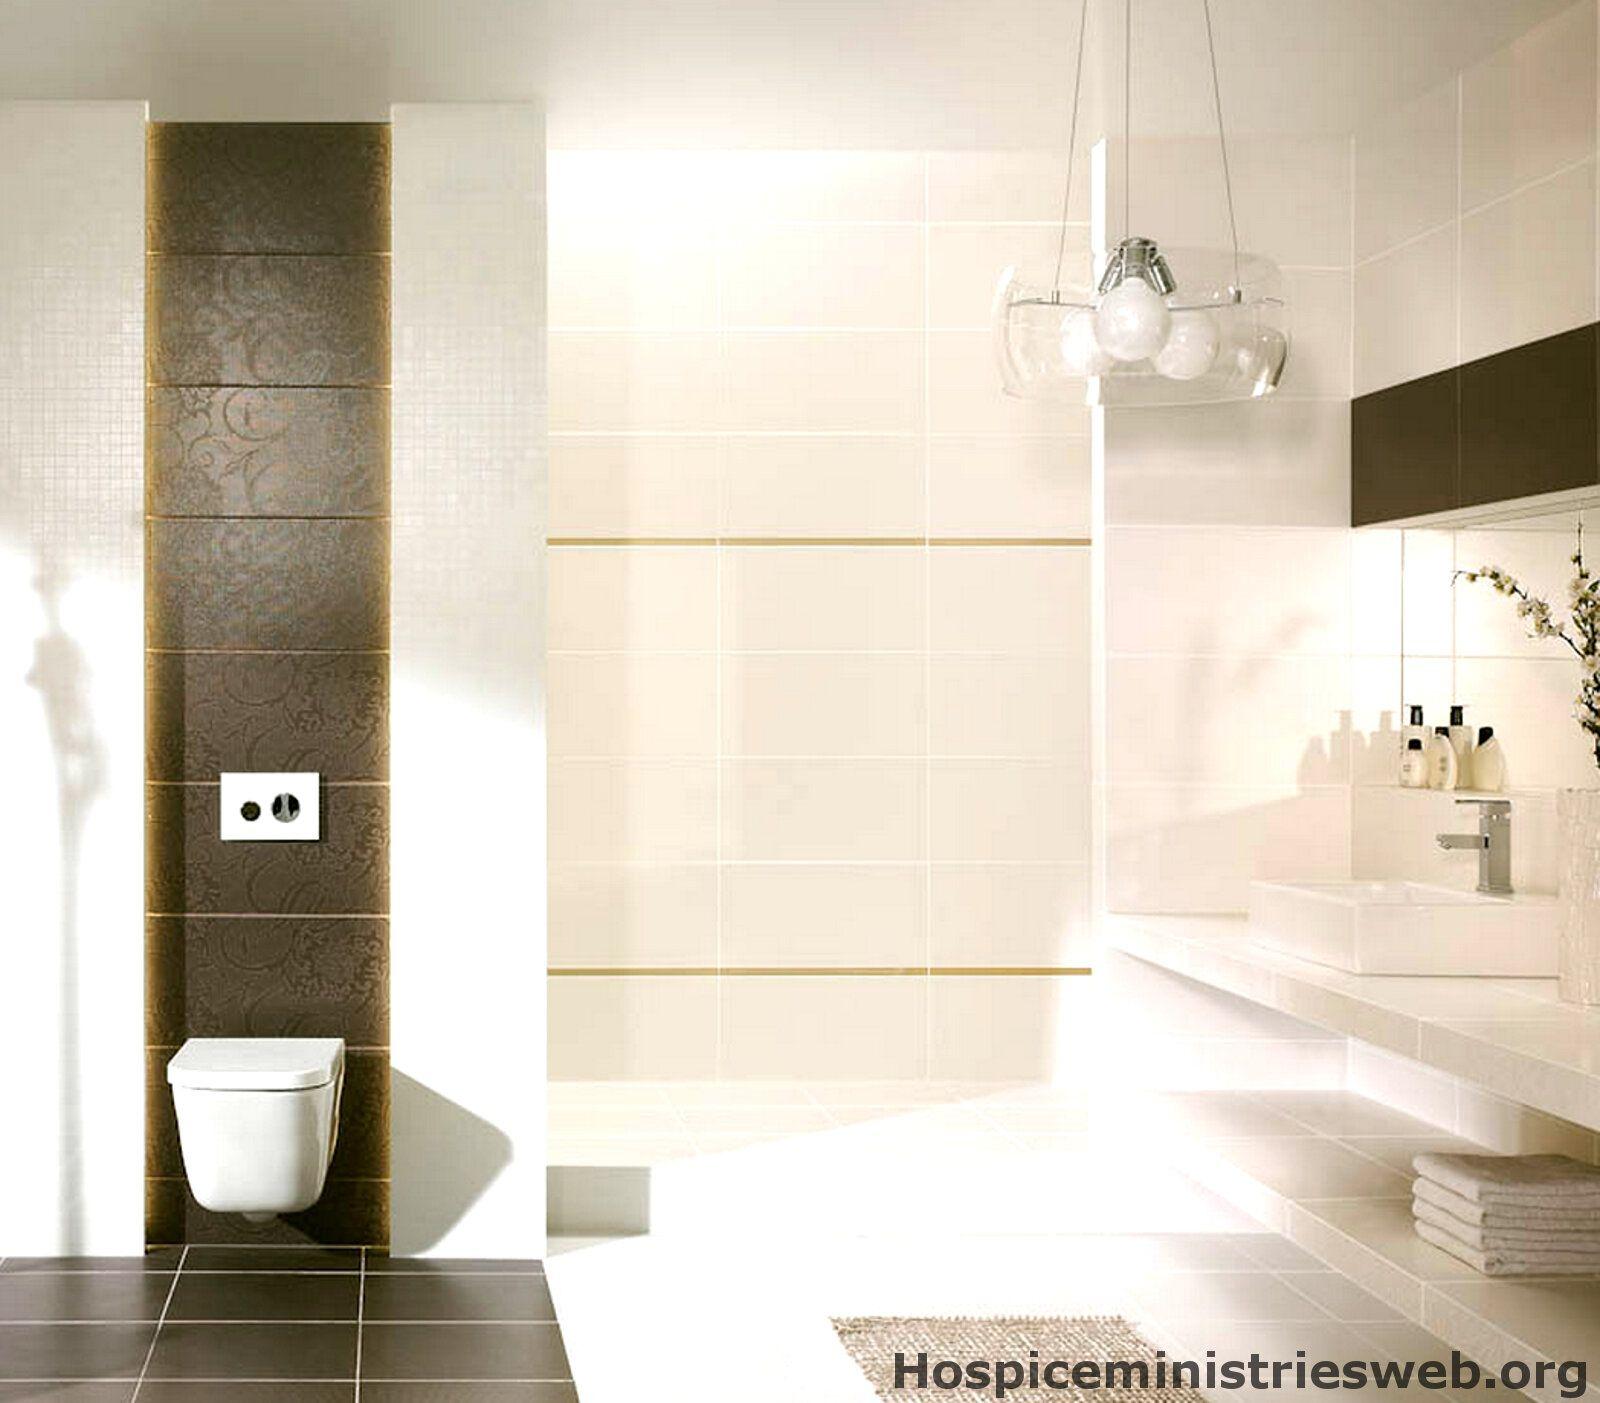 35 Ideen fr Badezimmer Braun Beige Wohn Ideen  Ideen fr Badezimmer Braun Beige  Bathroom